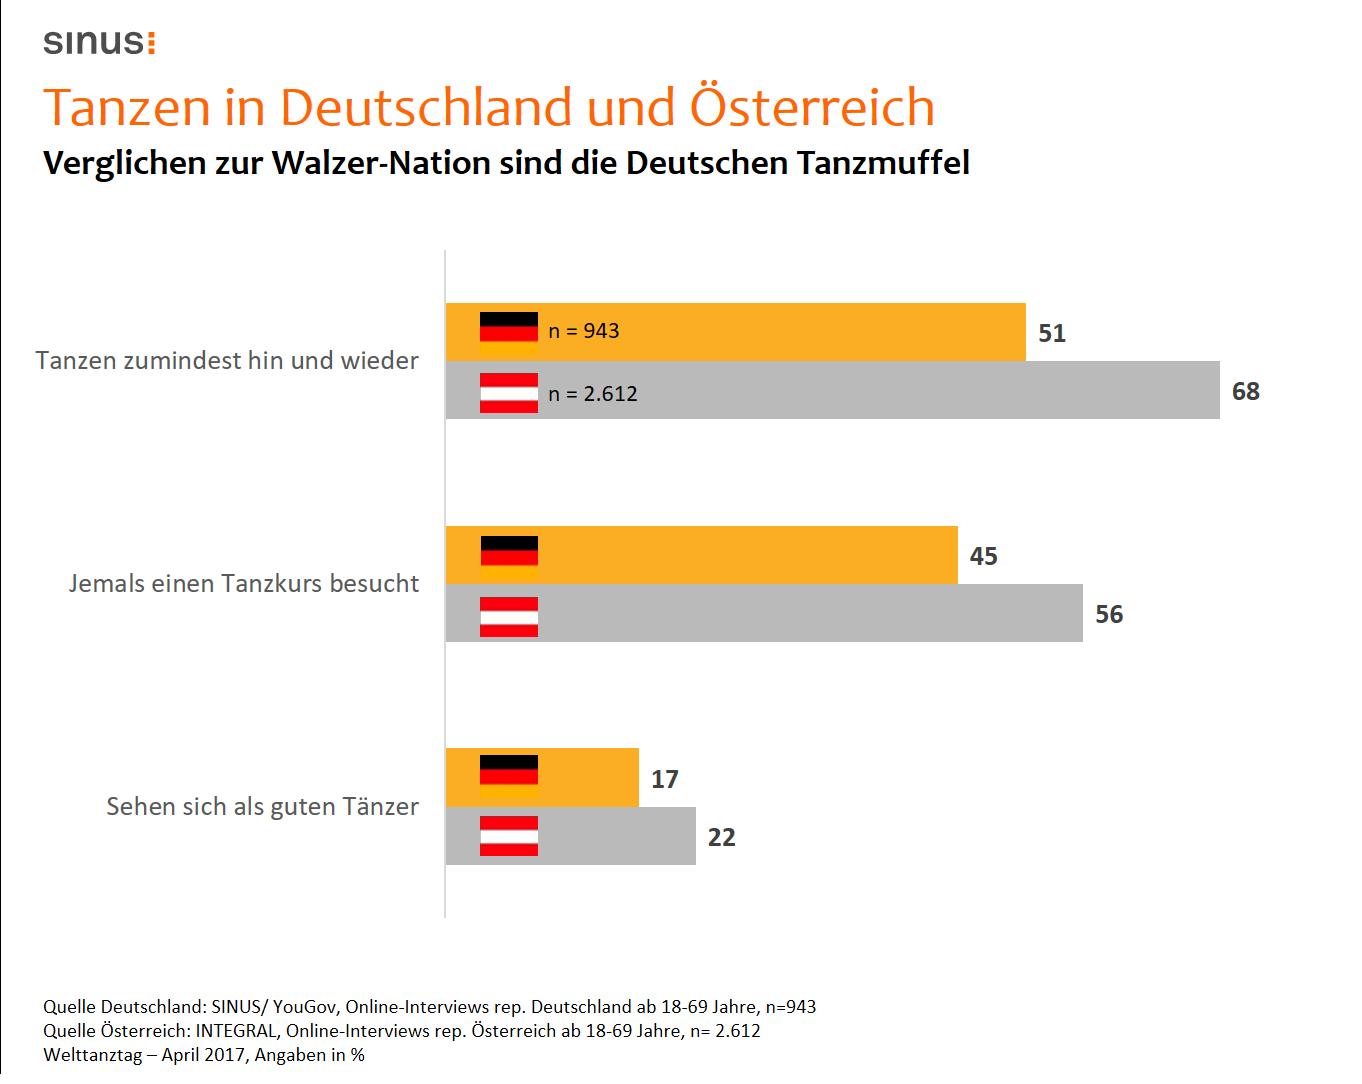 Tanzen im Vergleich Deutschland und Österreich